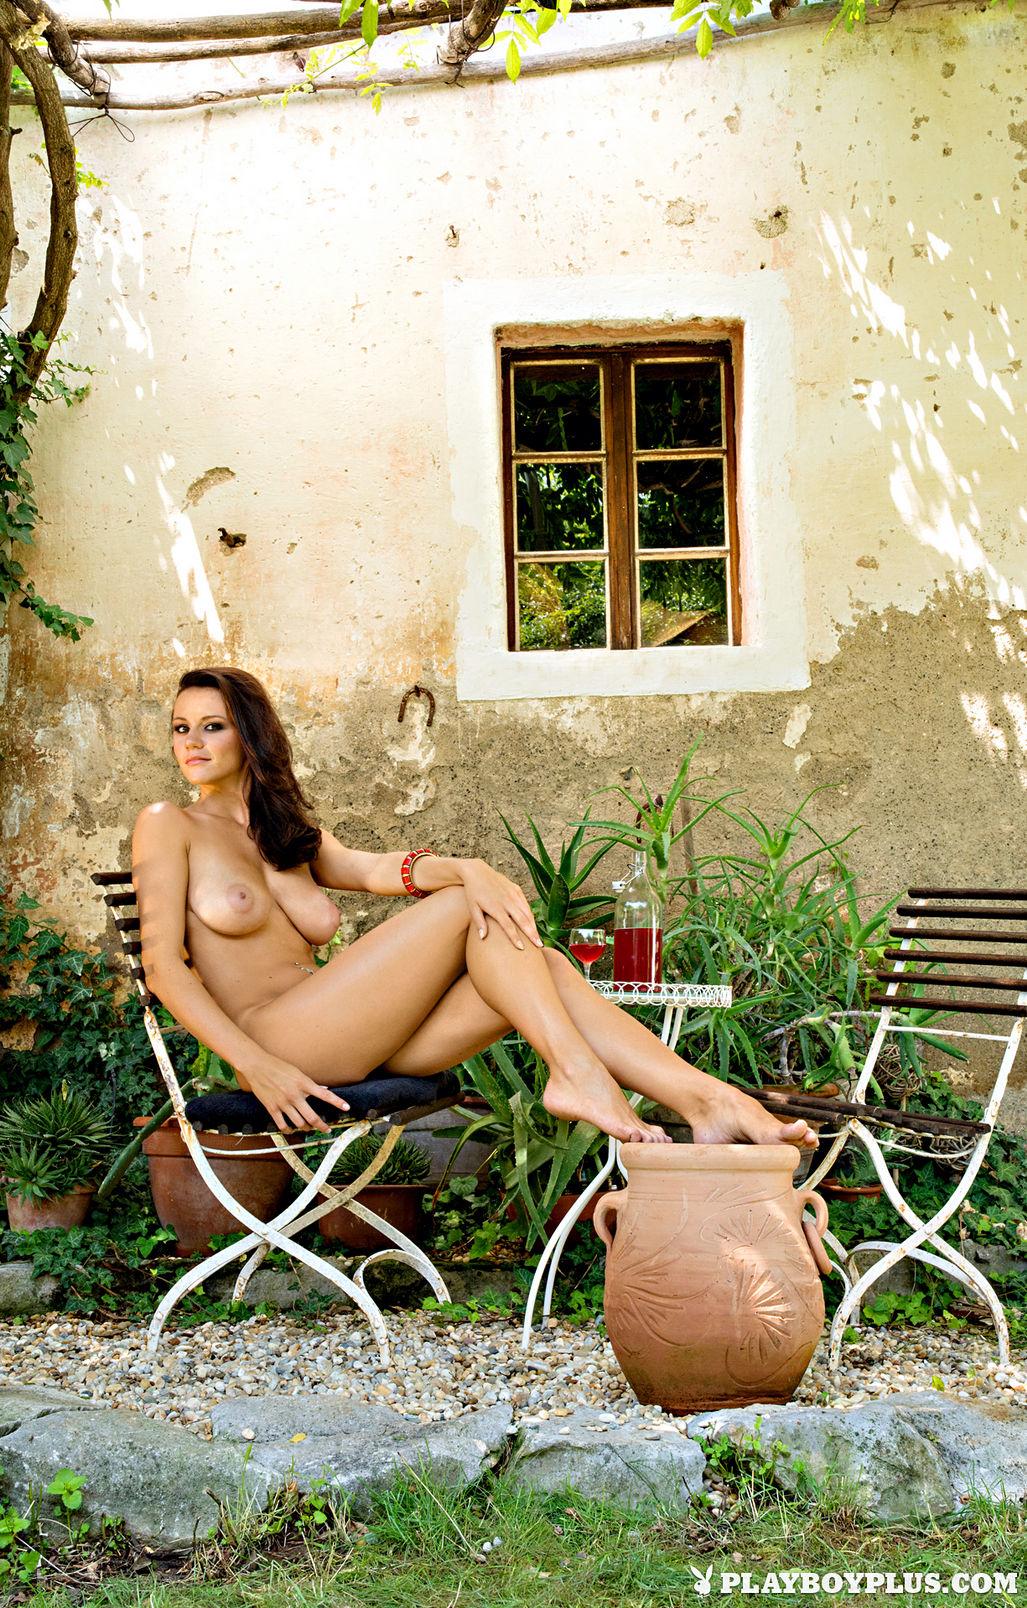 shaved-busty-brunette-manja-dobrilovic-5.jpg